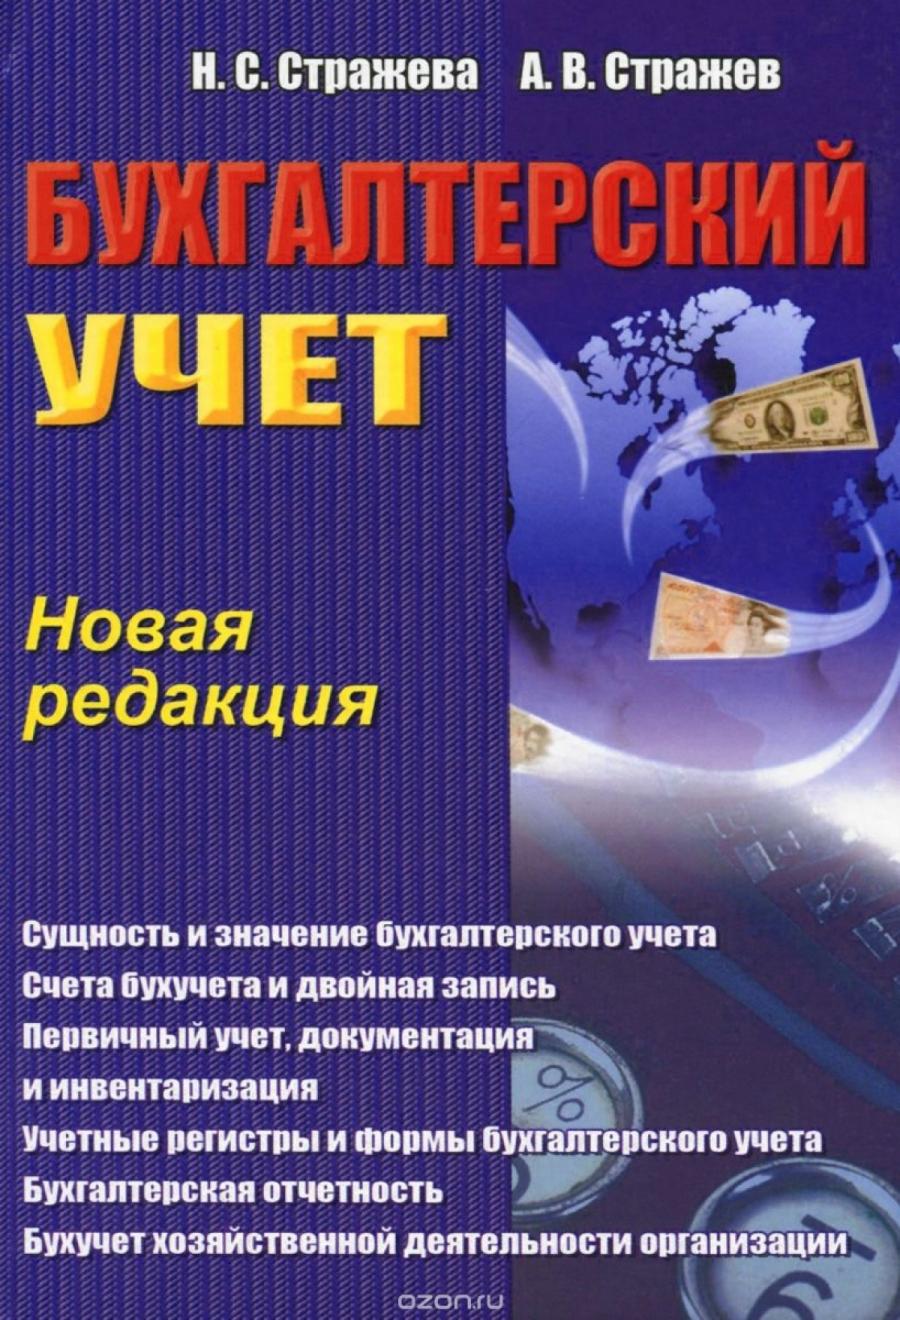 Обложка книги:  стражева н.с., стражев а.в. - бухгалтерский учет